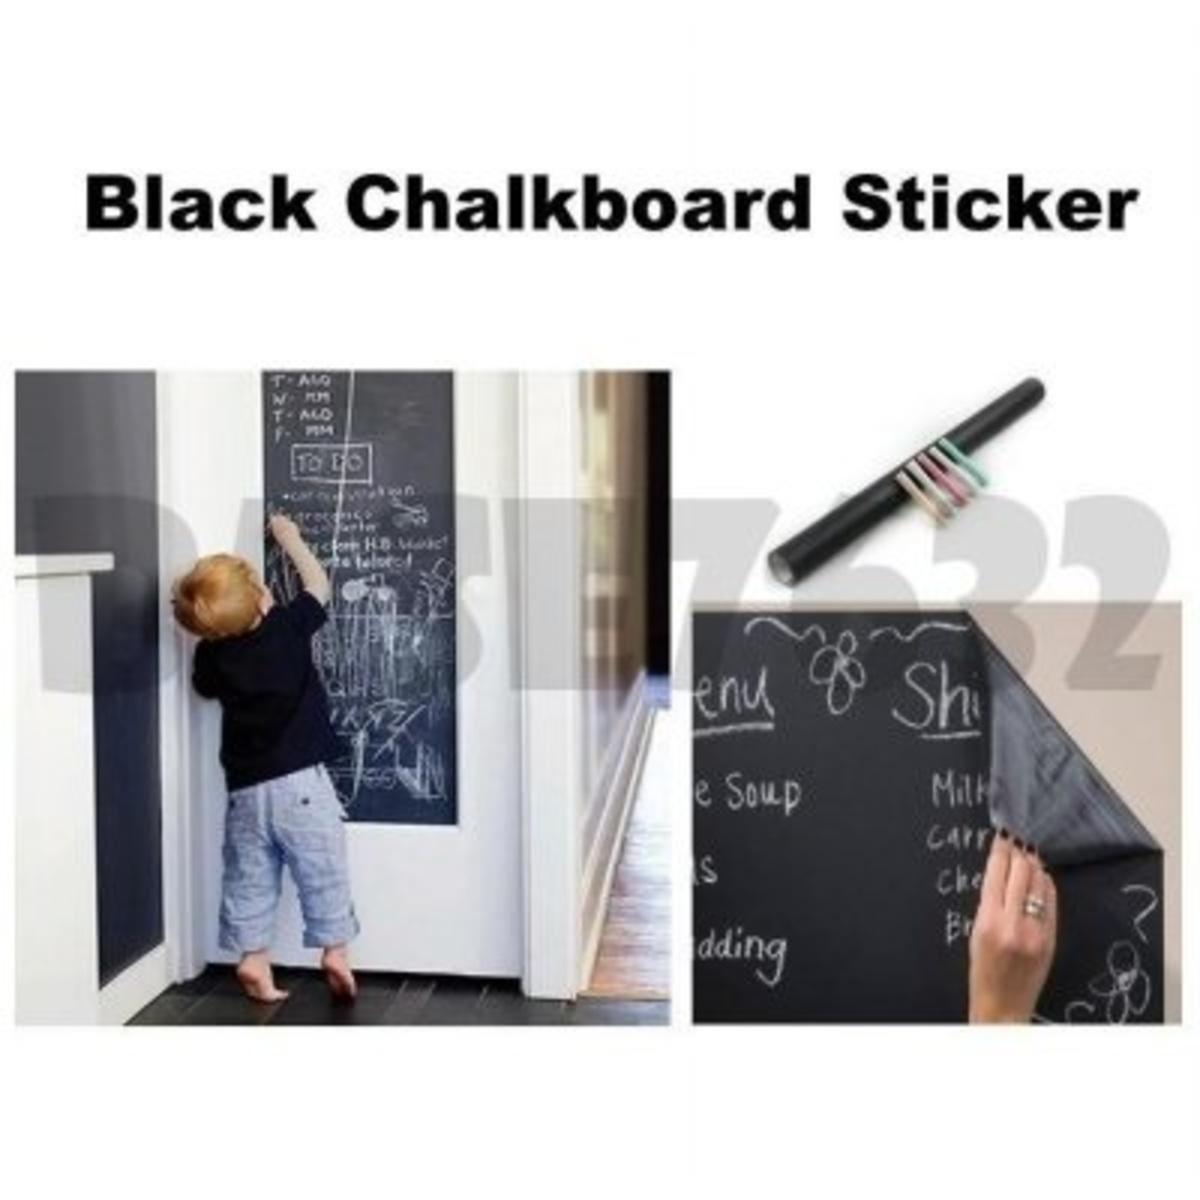 2塊多功能 DIY 黑板牆貼 (黑板)